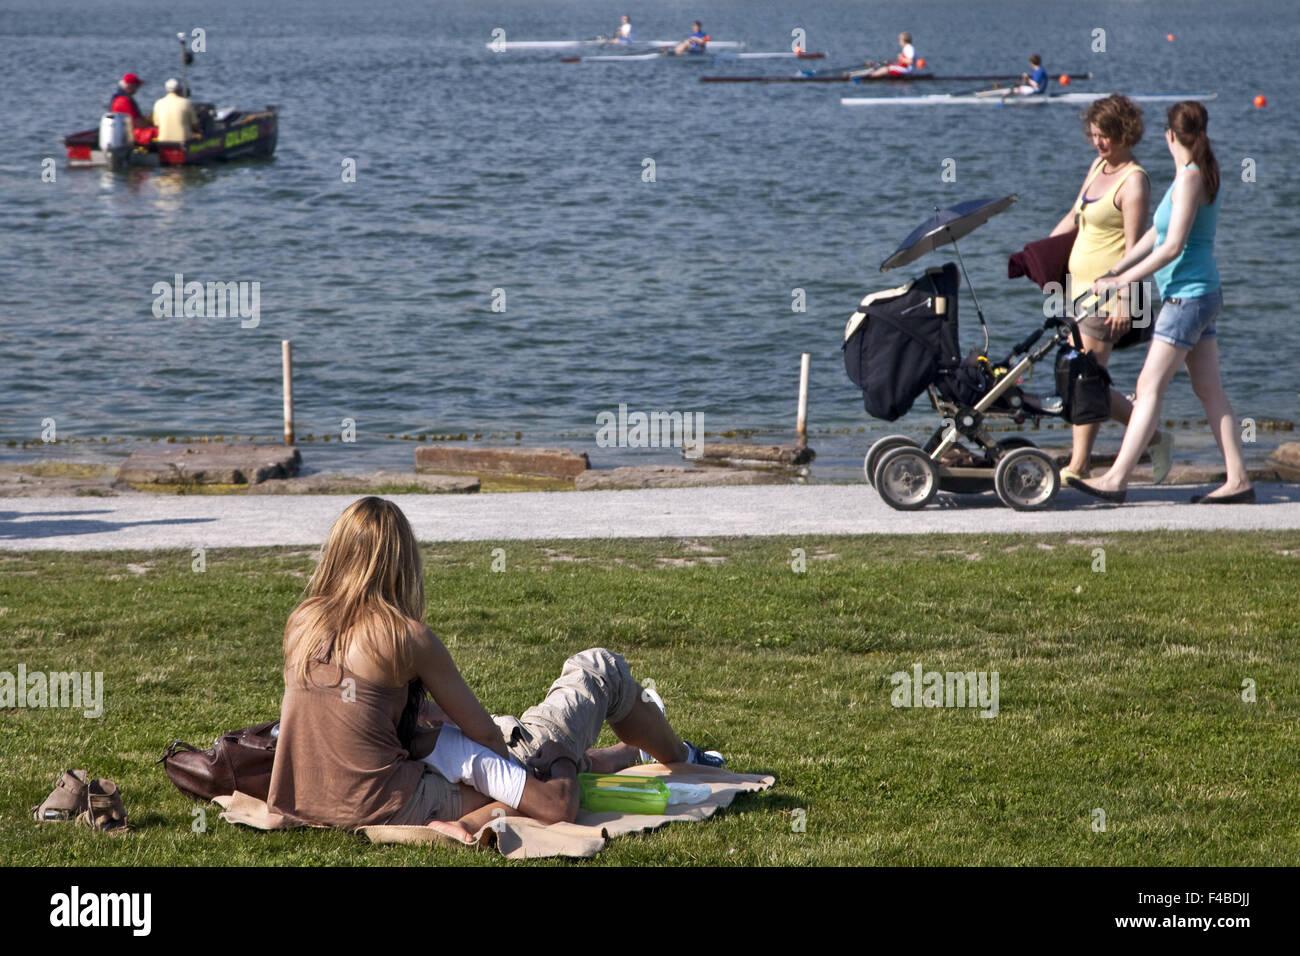 People at Phoenix Lake, Dortmund, Germany. - Stock Image